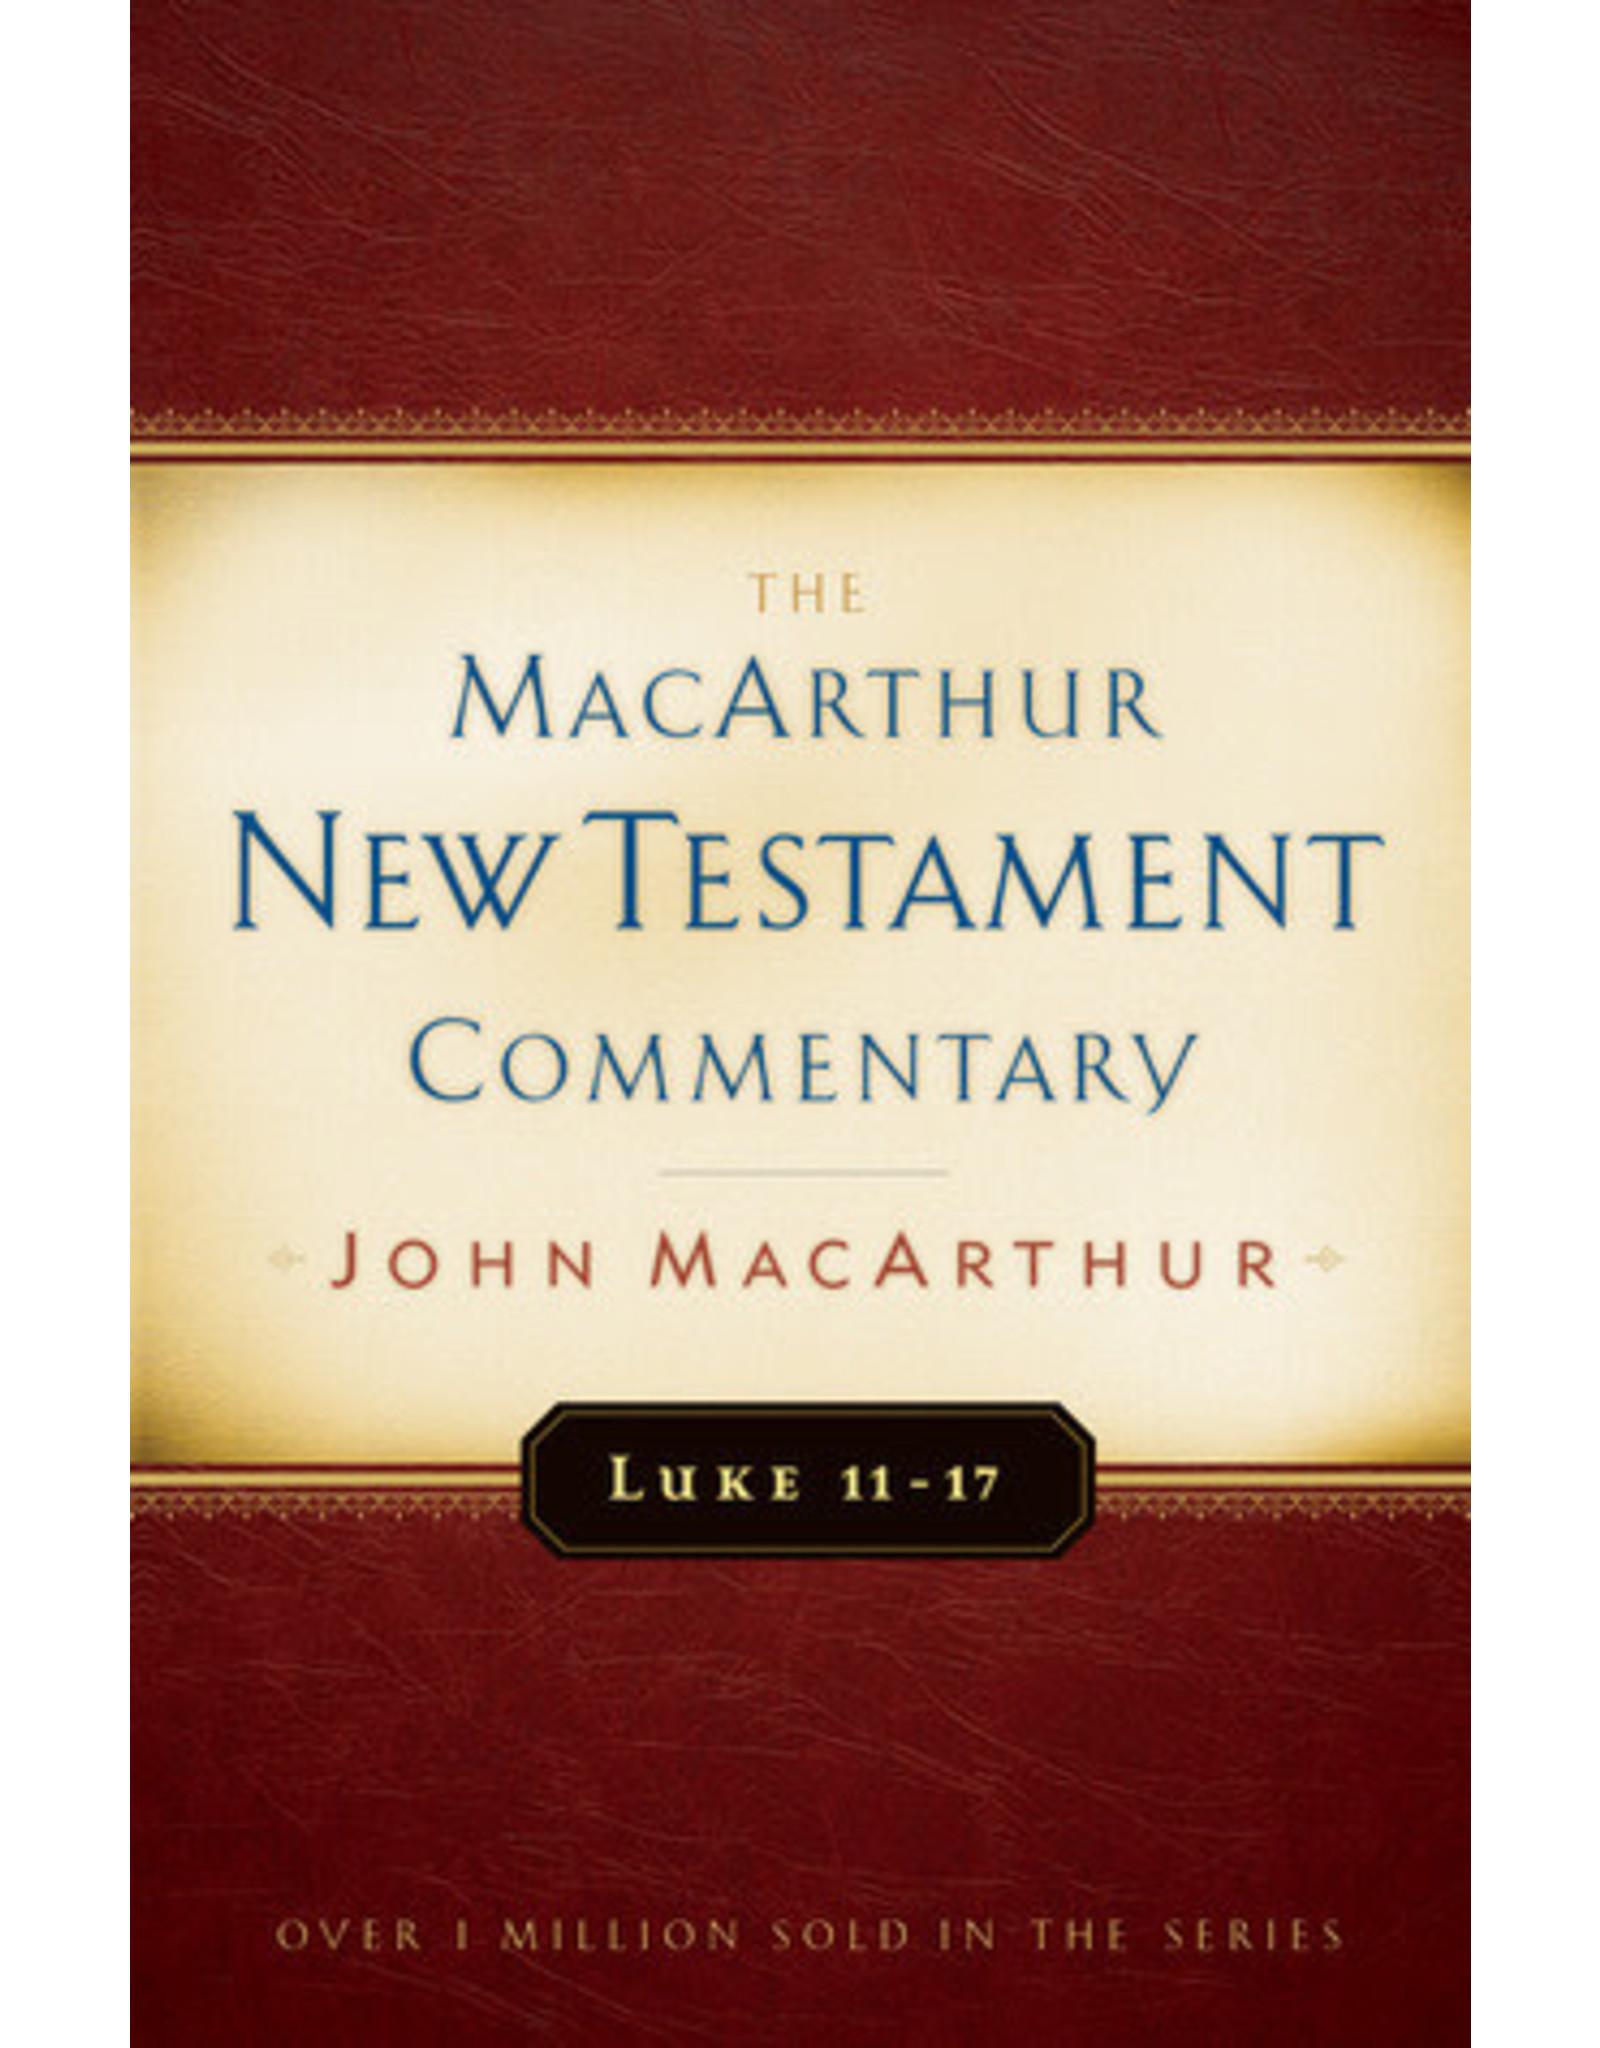 MacArthur MacArthur Commentary  Luke  11-17